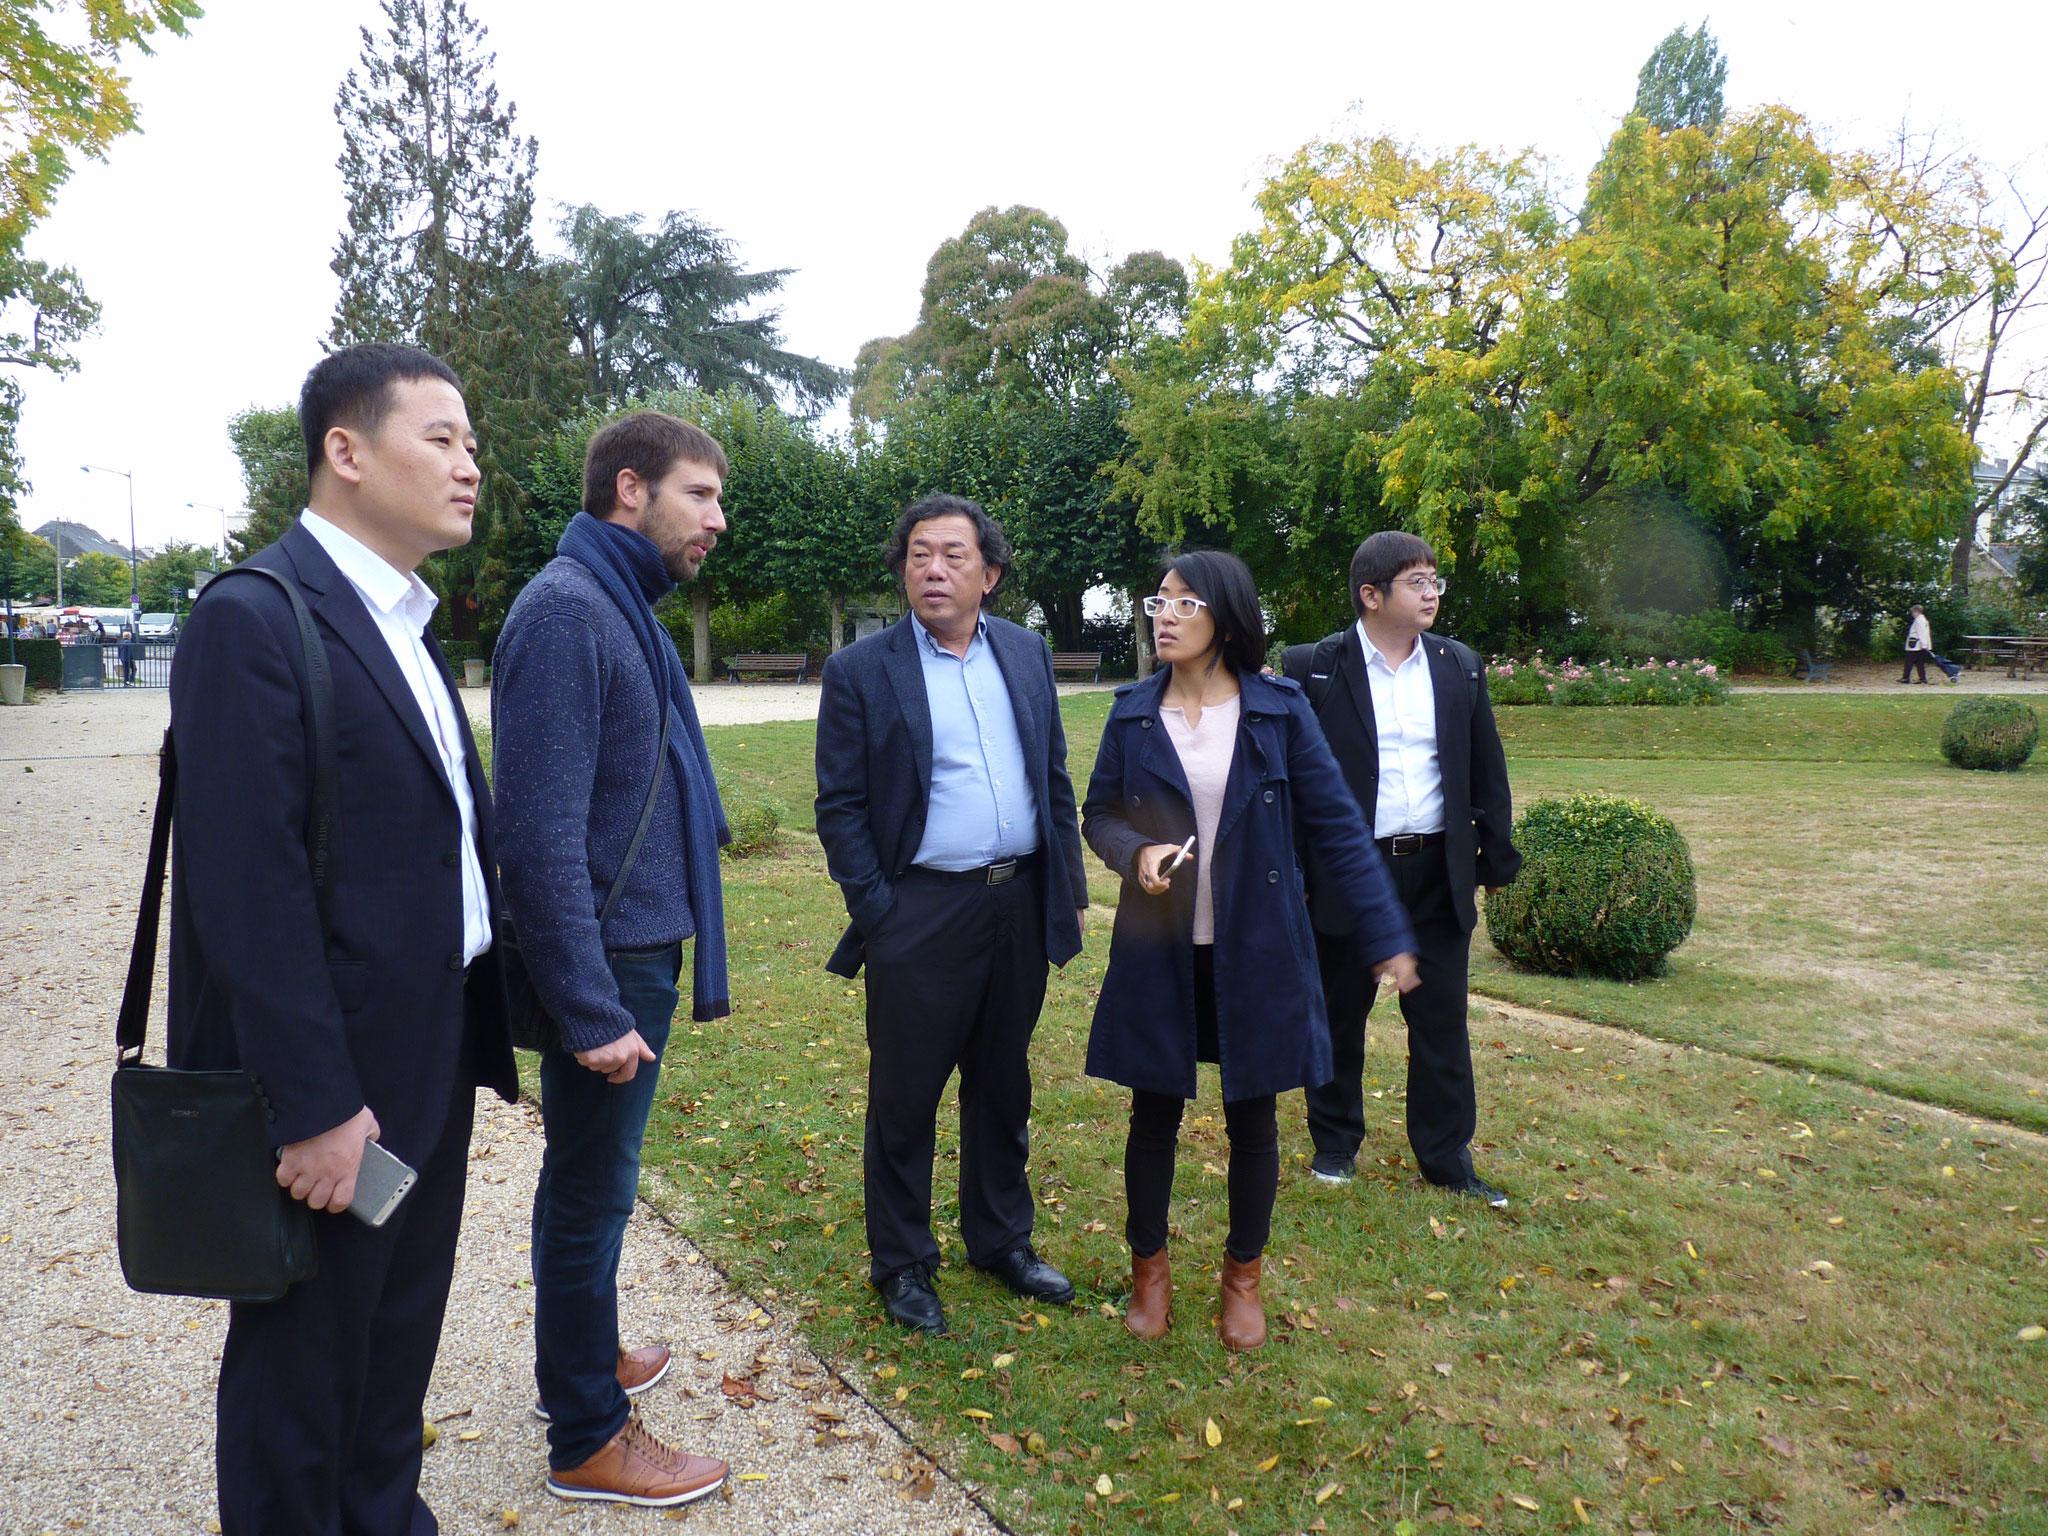 Délégation de paysagistes chinois à Rennes -Jardin chinois